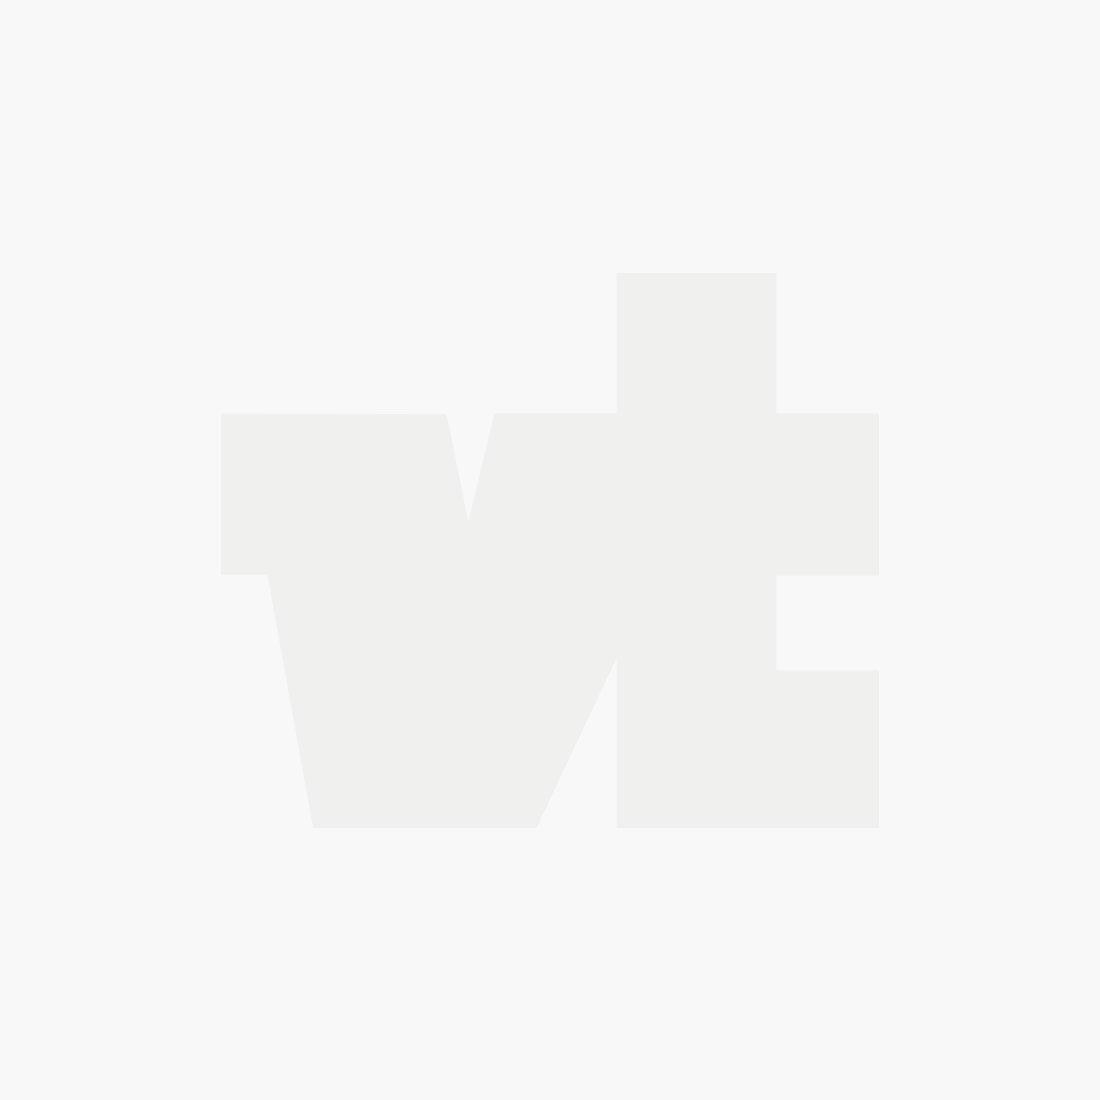 Vivex sneakers green multi